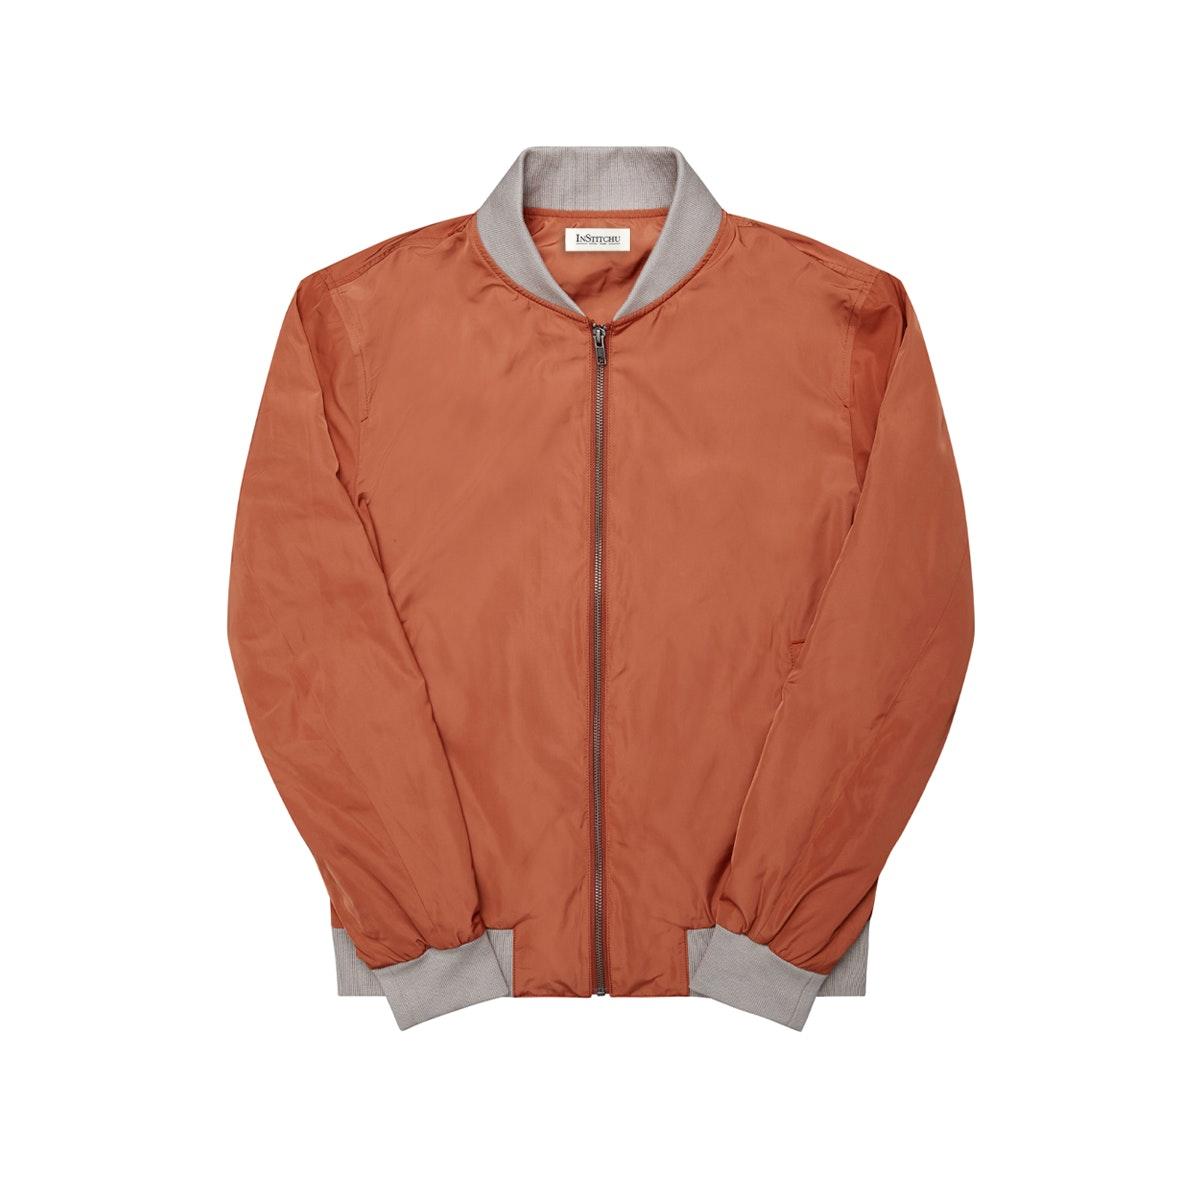 The Cheshire Clay Bomber Jacket